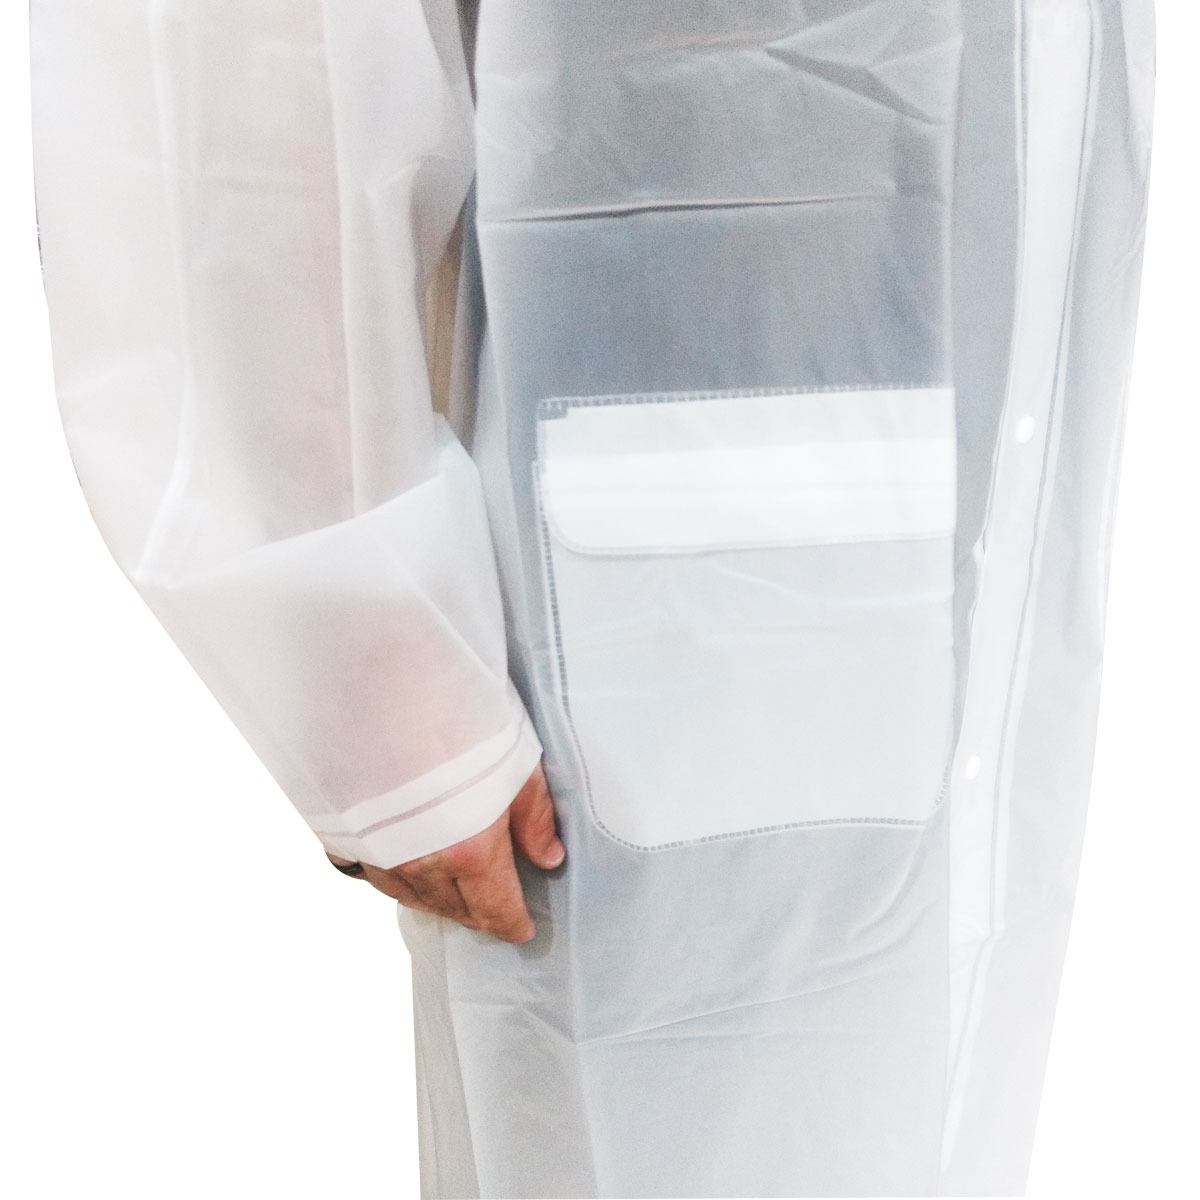 a8b0a66b9dd capa de chuva unissex transparente tamanho g com capuz. Carregando zoom.